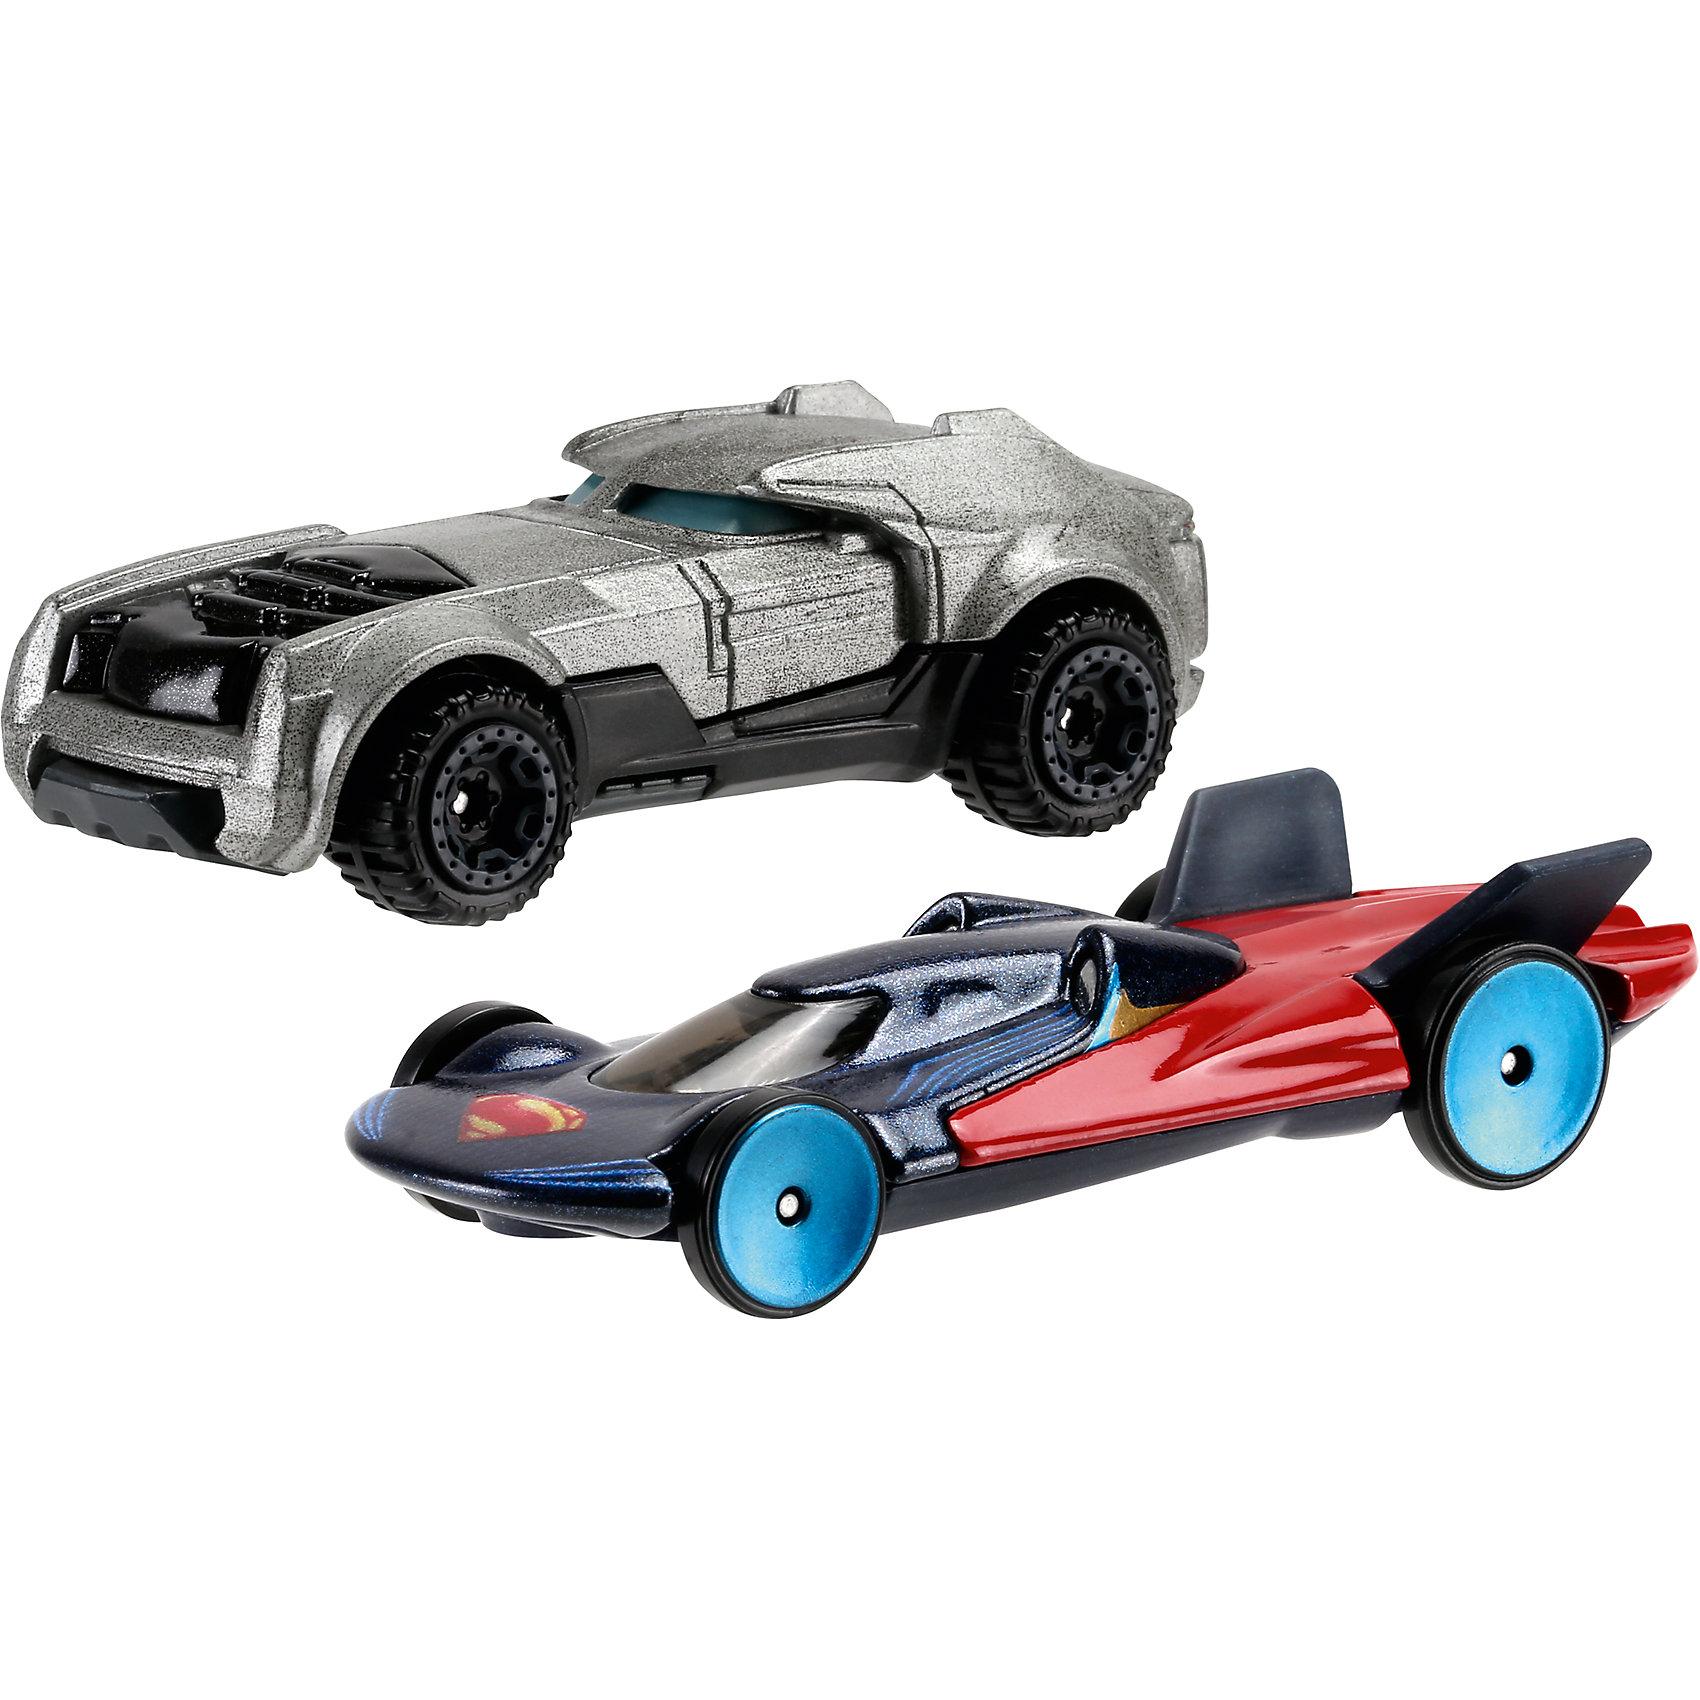 Машинки Бэтмен против Супермена, Hot WheelsМашинки Бэтмен против Супермена - это комплект из двух небольших машинок, принадлежащим главным героям нового фильма «Бэтмен против Супермена: На заре справедливости» Такой набор порадует любого мальчишку!<br>Машинки сделаны из качественных и безопасных для ребенка материалов. Одна - повторяет расцветкой костюм Бэтмена, вторая - Супермена.<br><br>Дополнительная информация:<br><br>цвет: разноцветный,<br>комплектация: 2 машинки.<br><br>Машинки Бэтмен против Супермена, 2 шт, Hot Wheels можно купить в нашем магазине.<br><br>Ширина мм: 200<br>Глубина мм: 165<br>Высота мм: 65<br>Вес г: 164<br>Возраст от месяцев: 36<br>Возраст до месяцев: 84<br>Пол: Мужской<br>Возраст: Детский<br>SKU: 4697984